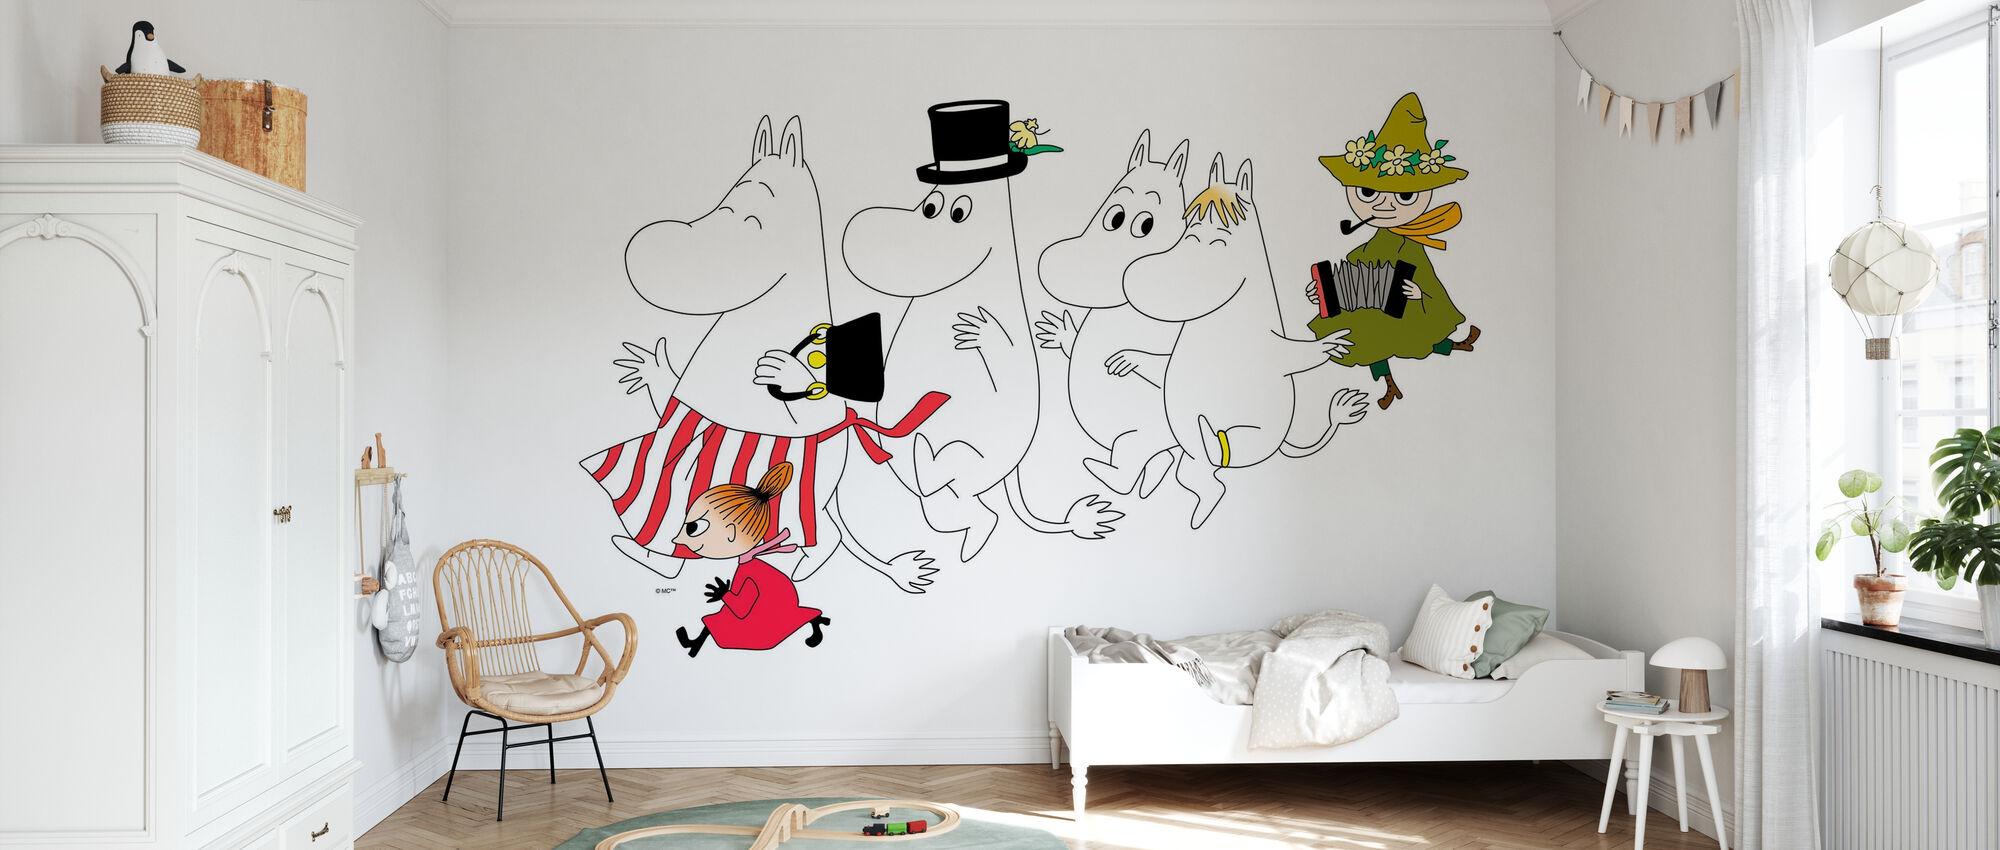 Moomin - The Moomins - Wallpaper - Kids Room